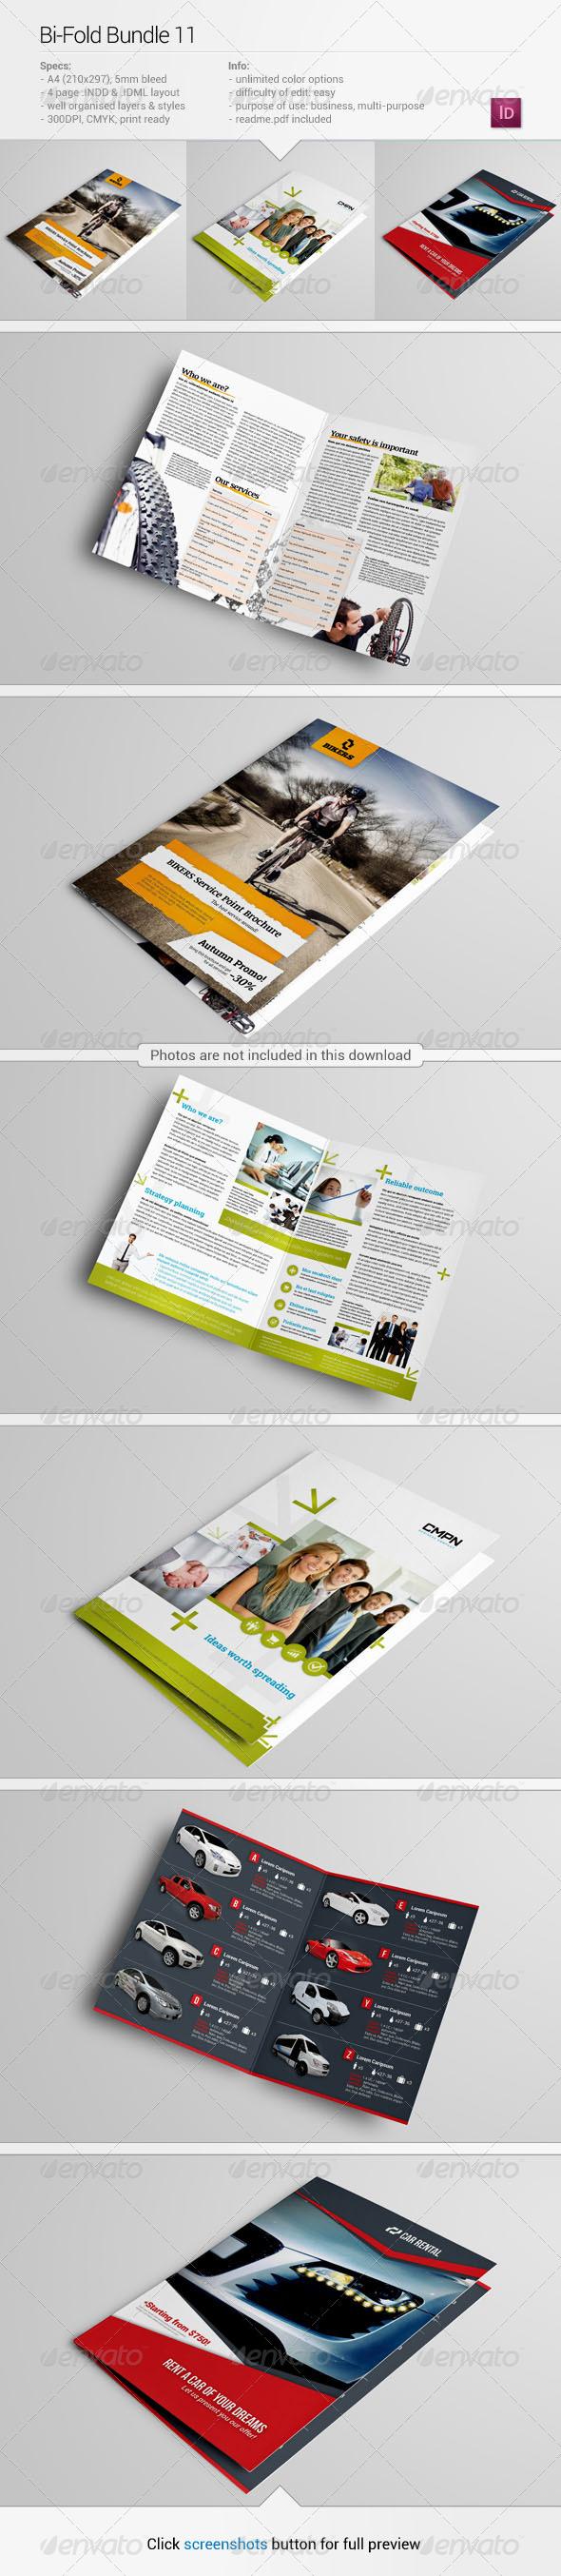 GraphicRiver Bi-Fold Bundle 11 7448447